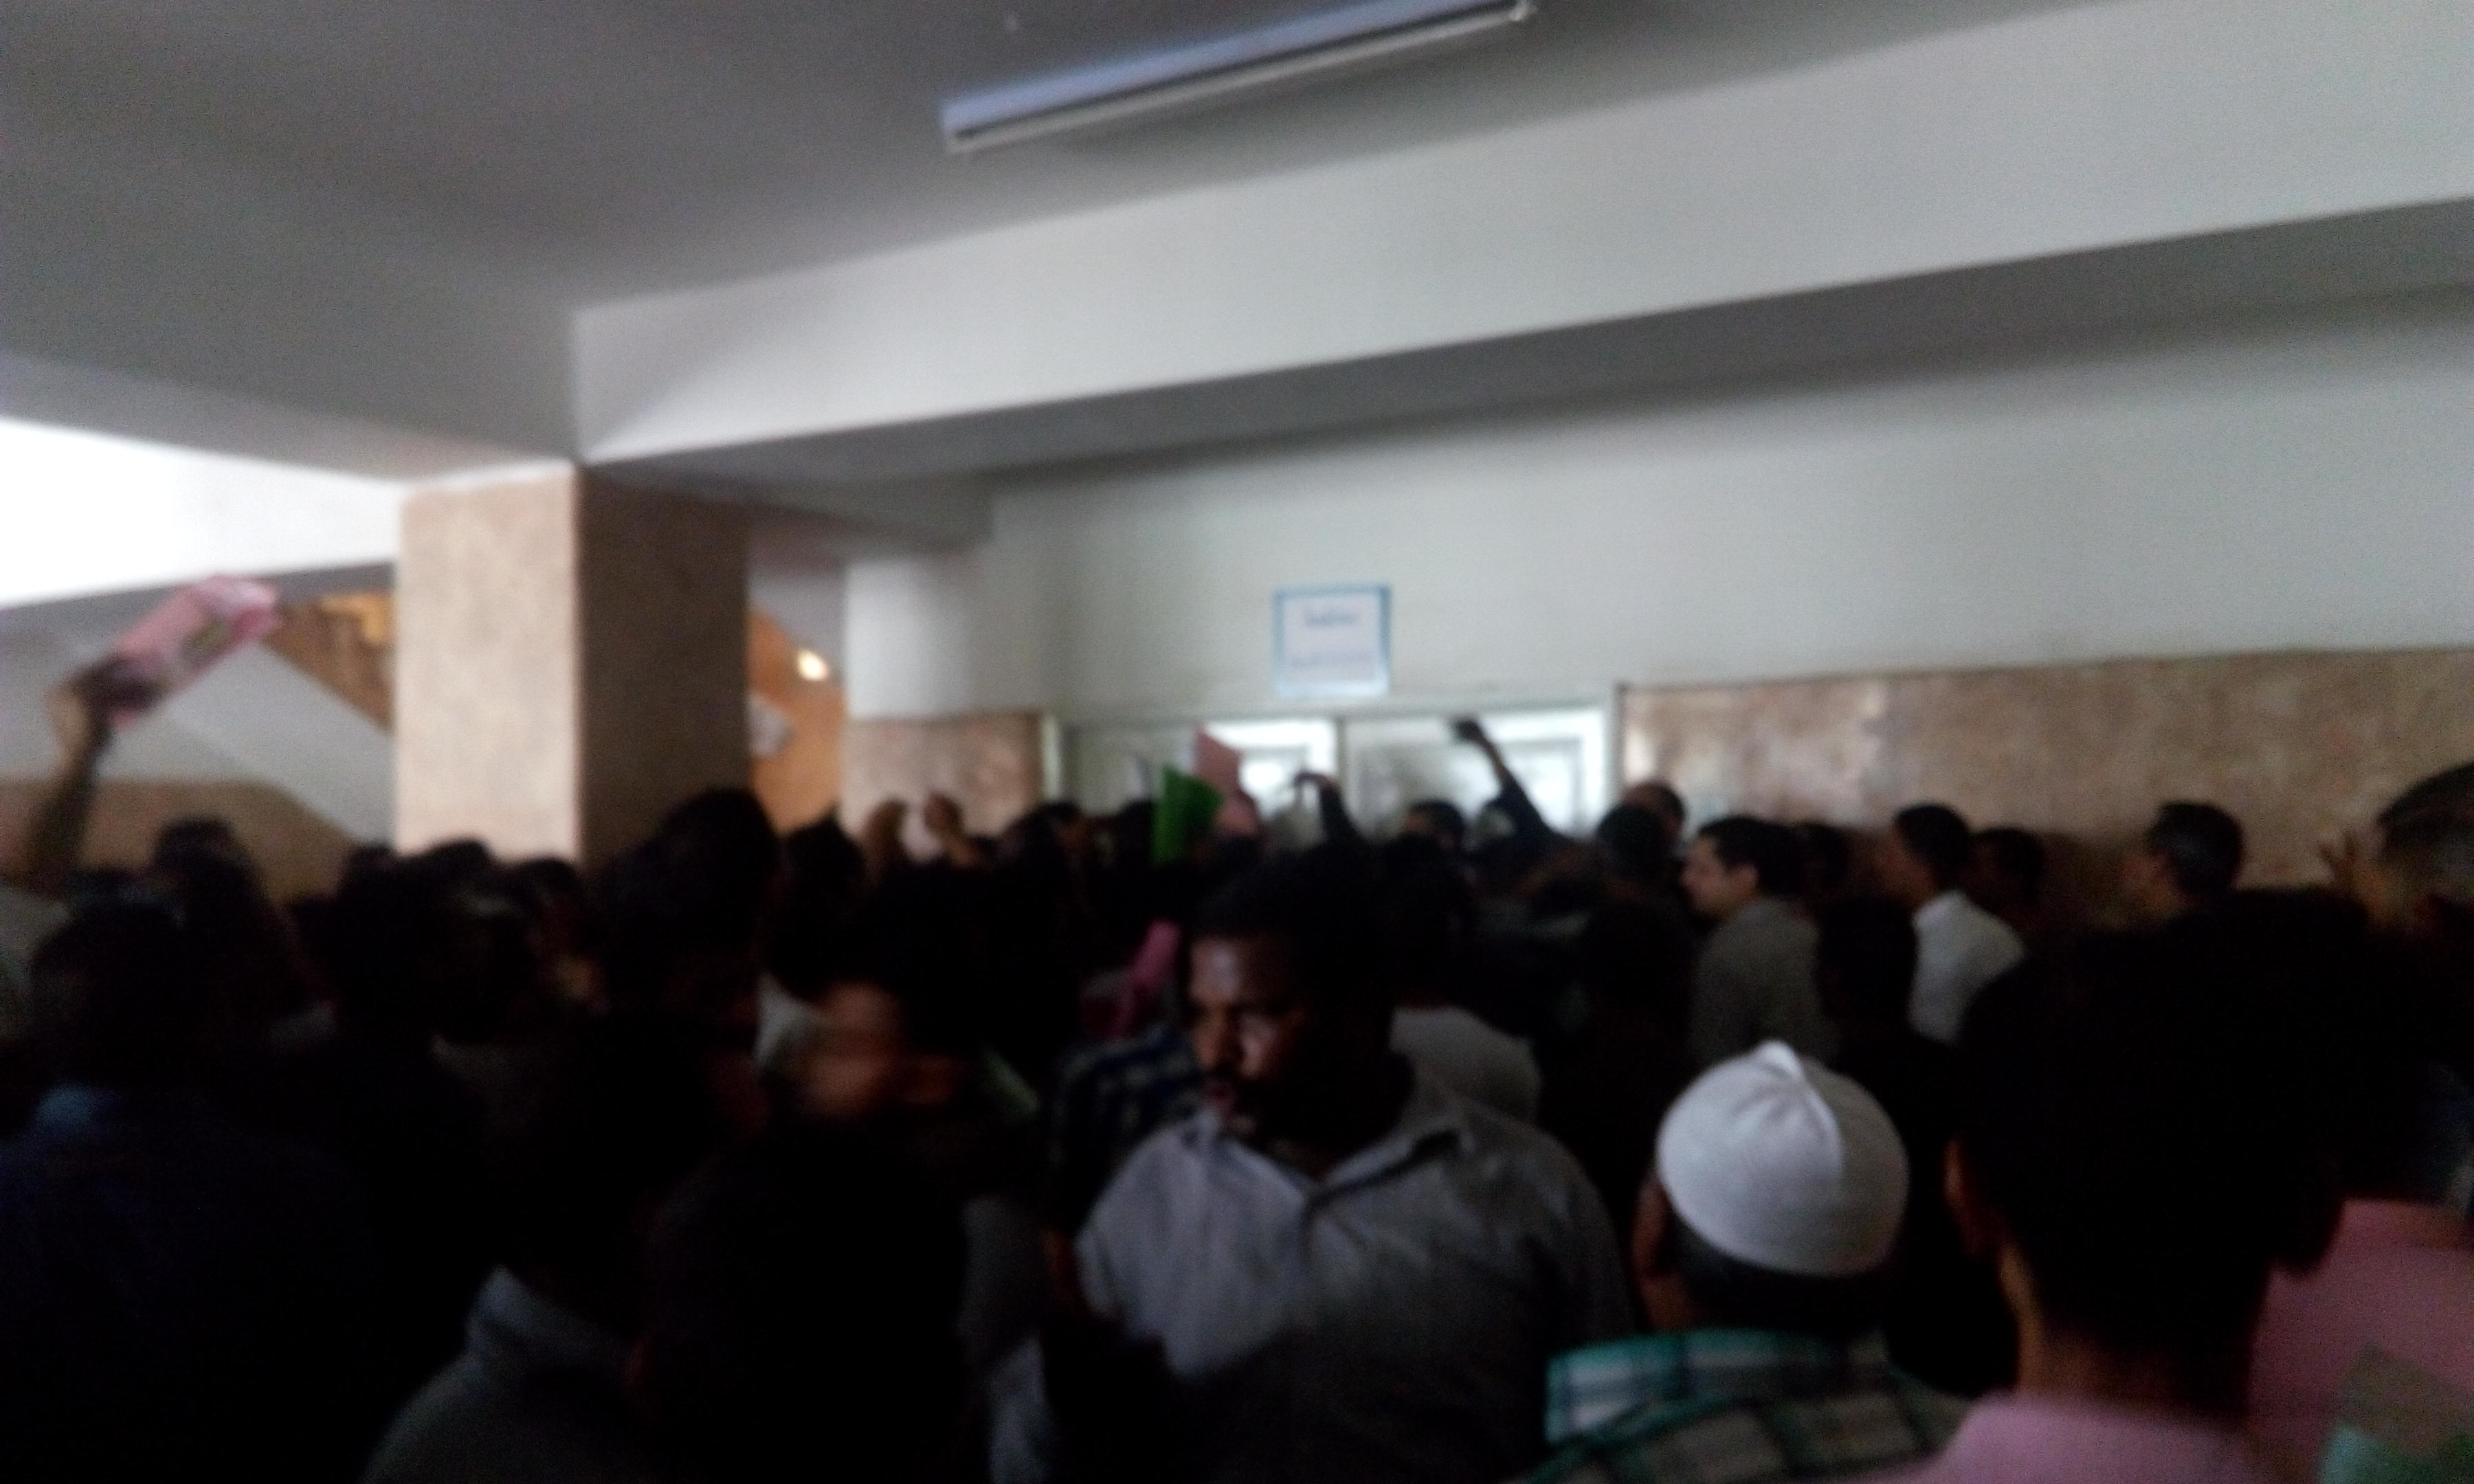 المئات يتقدمون لعدد الوظائف بمحكمة قنا